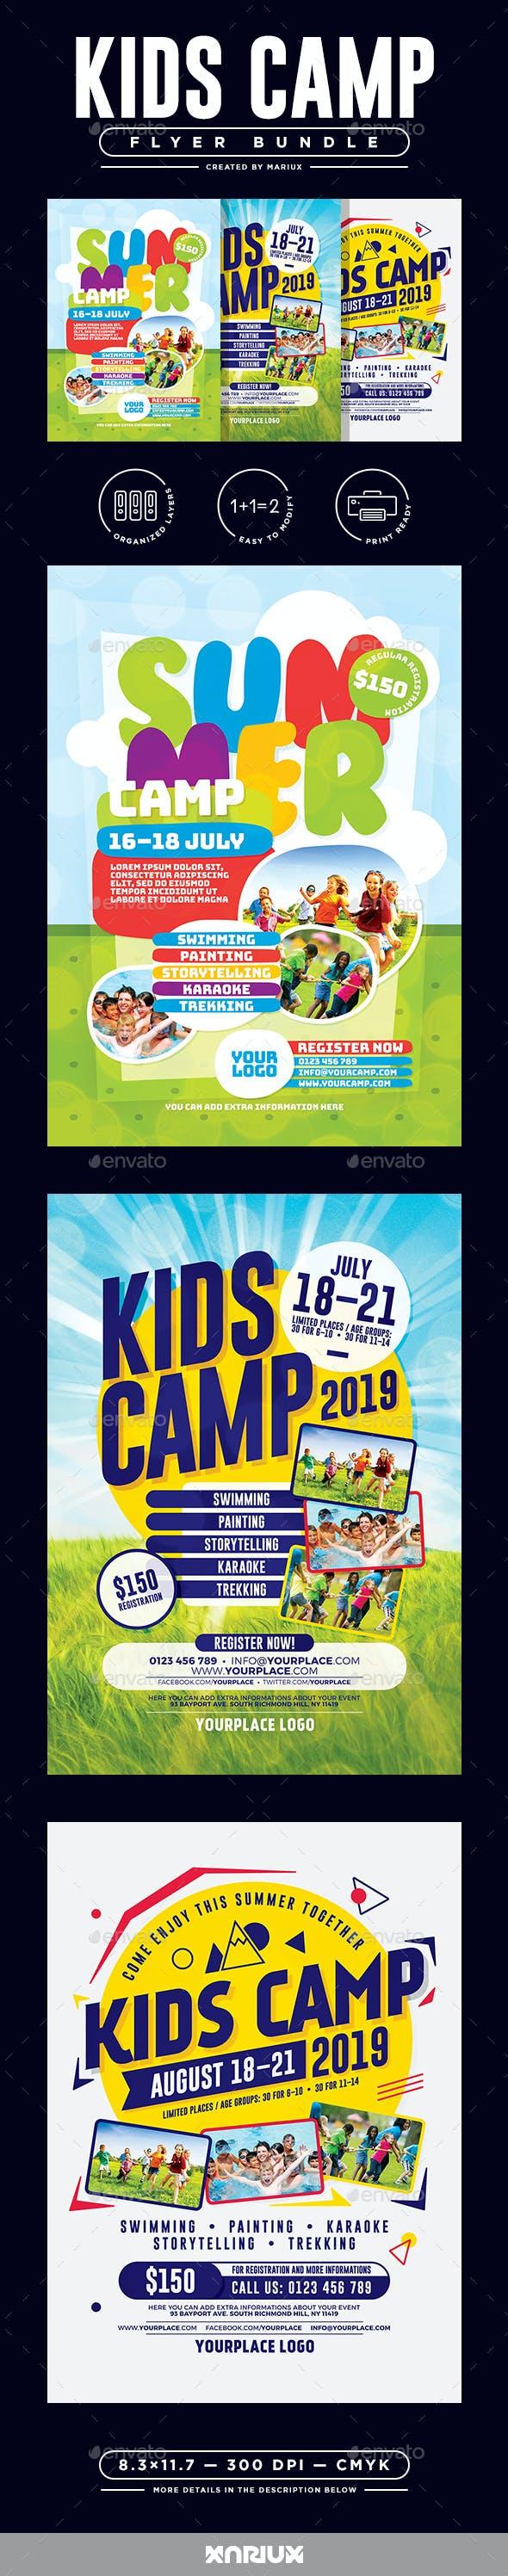 Kids Camp Flyer/Poster Bundle